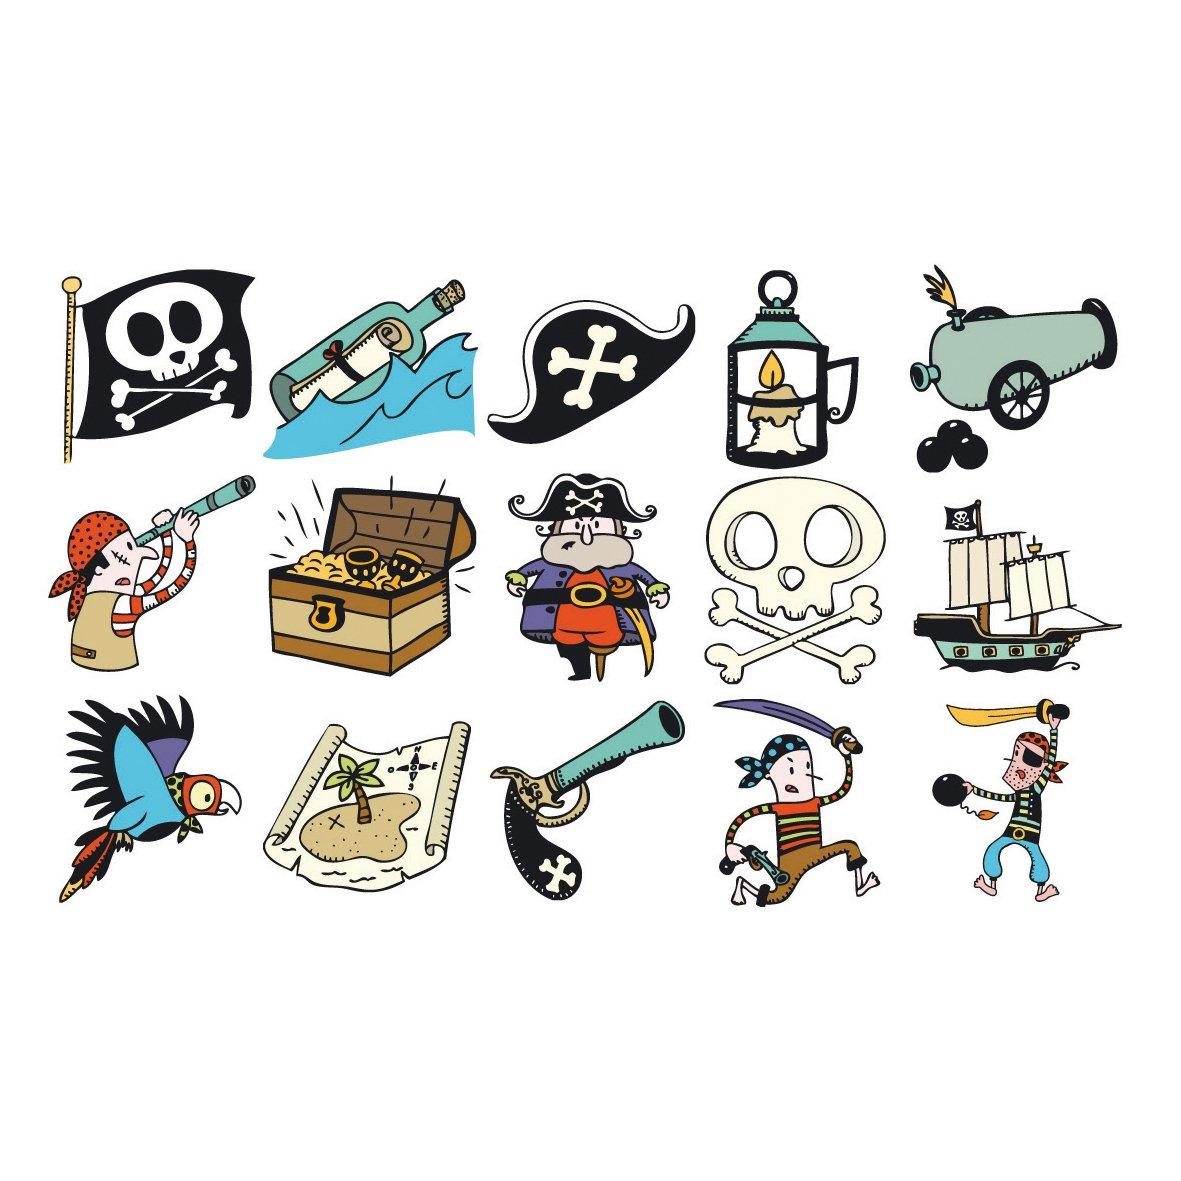 Aladine 3327 Stampominos - Lote de sellos de madera y tampón para decorar, diseño de piratas 03327 tampon